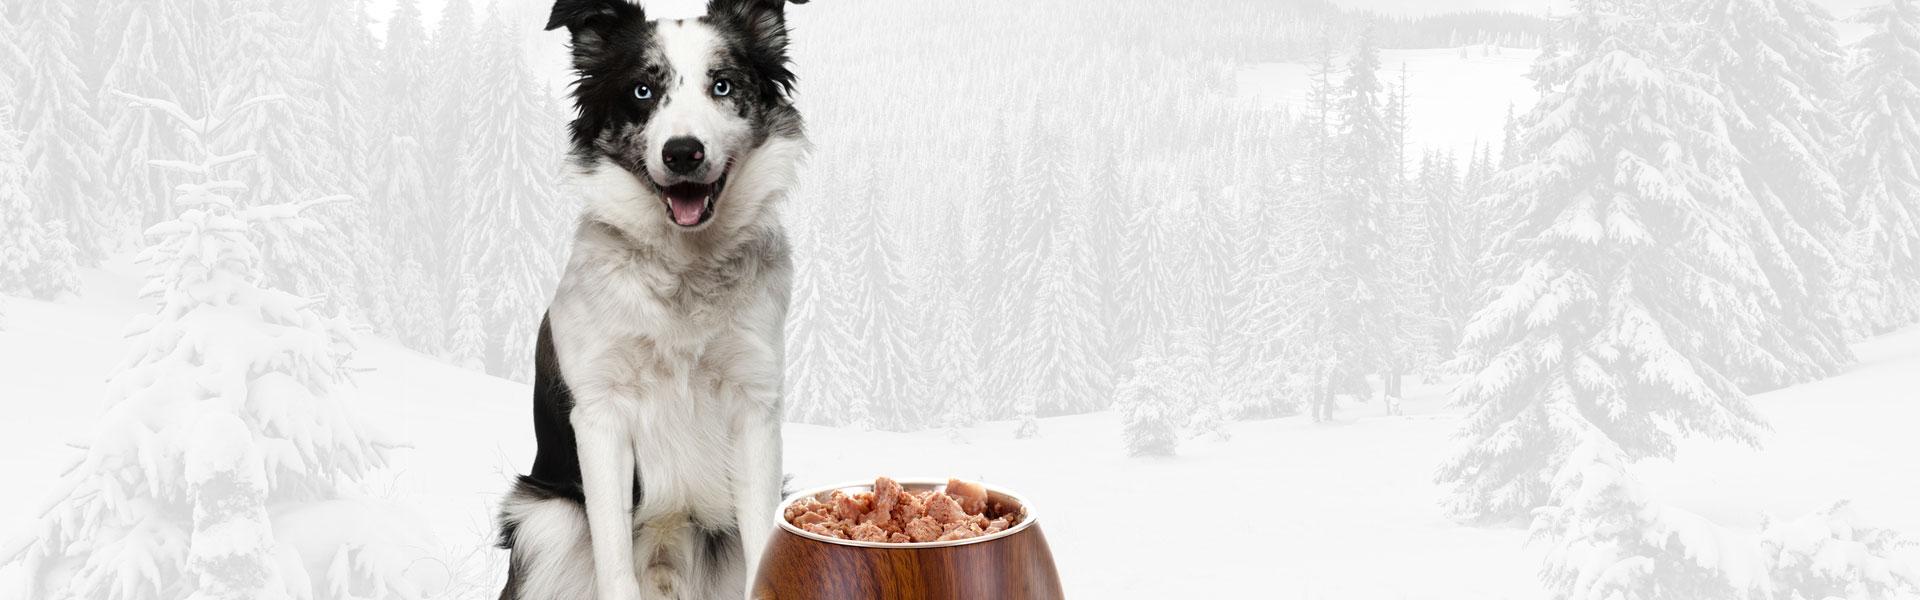 Pies - mięsożerca czy wszystkożerca?